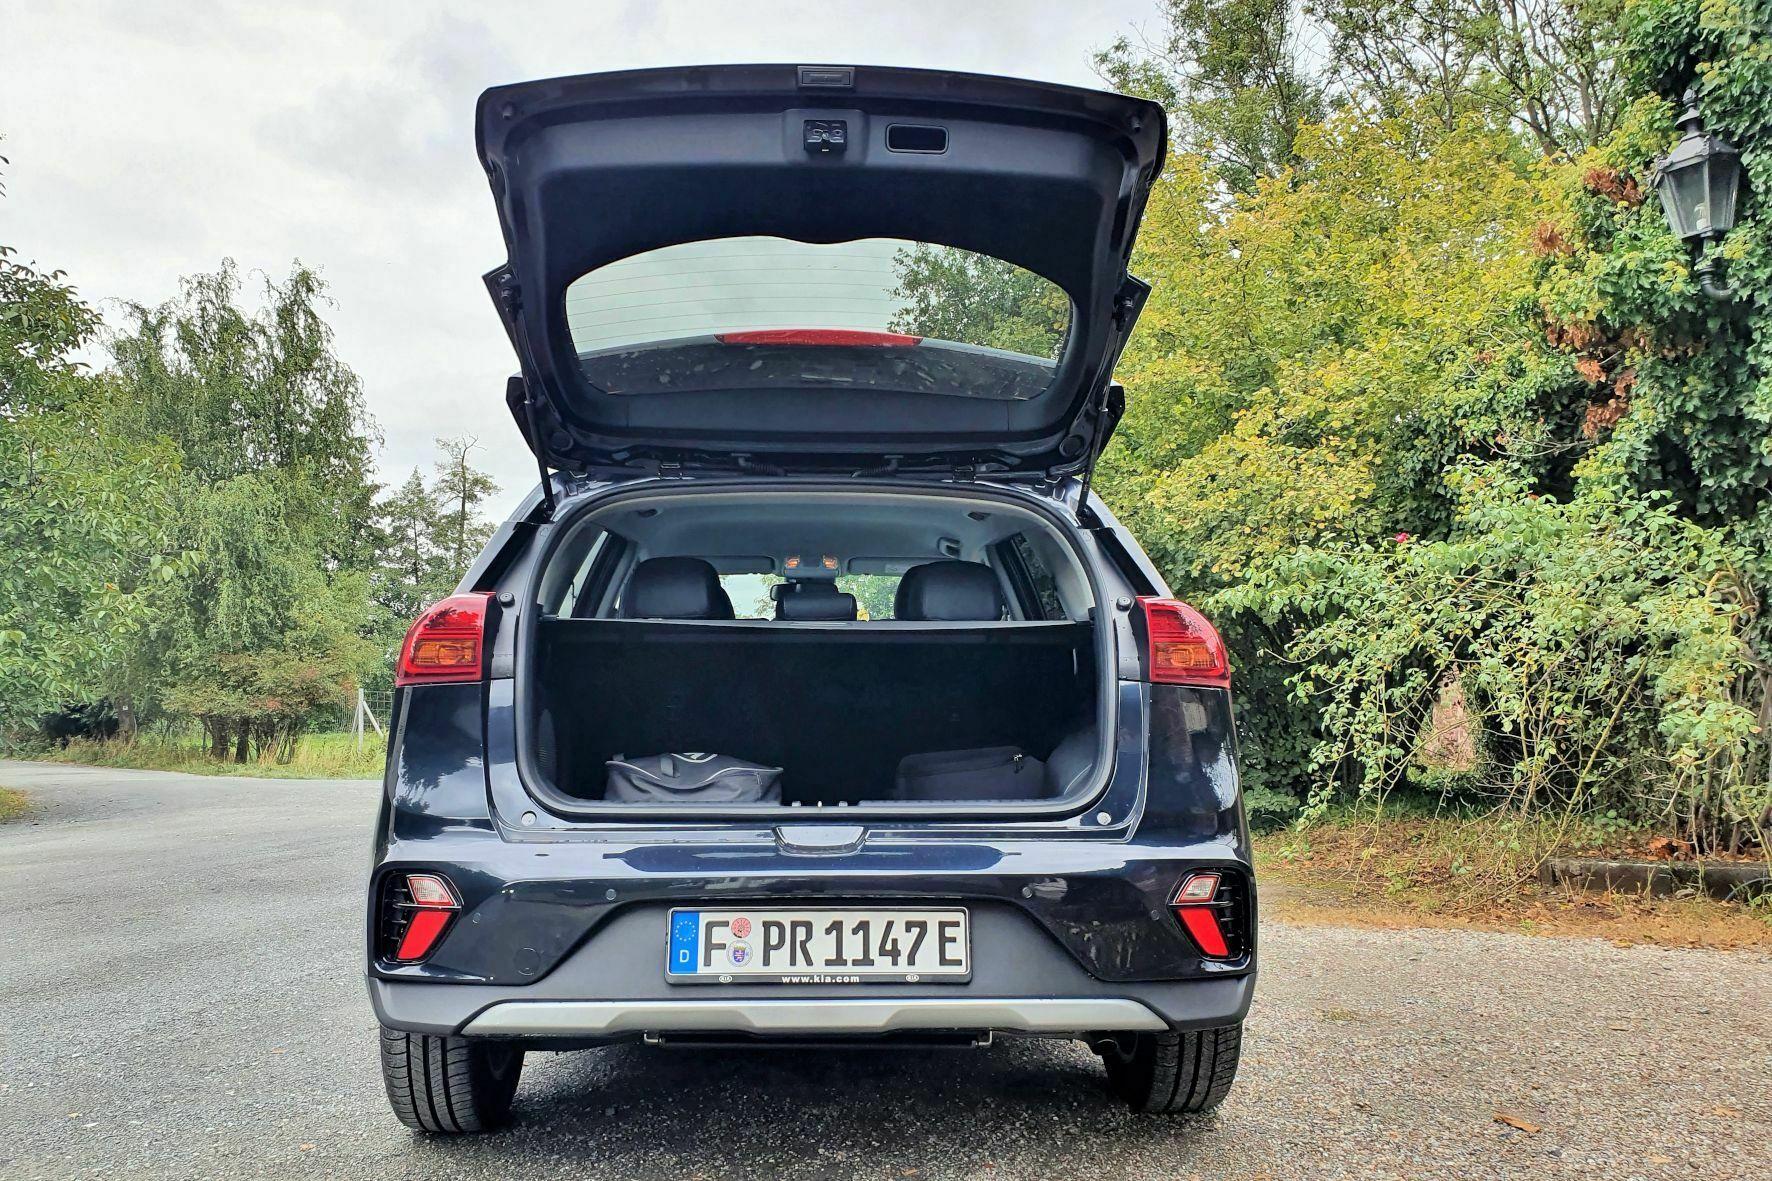 Der Platz im Kofferraum reicht trotz der recht großen Batterie unter dem Ladeboden im Alltag völlig aus. © Jutta Bernhard / mid / trd mobil